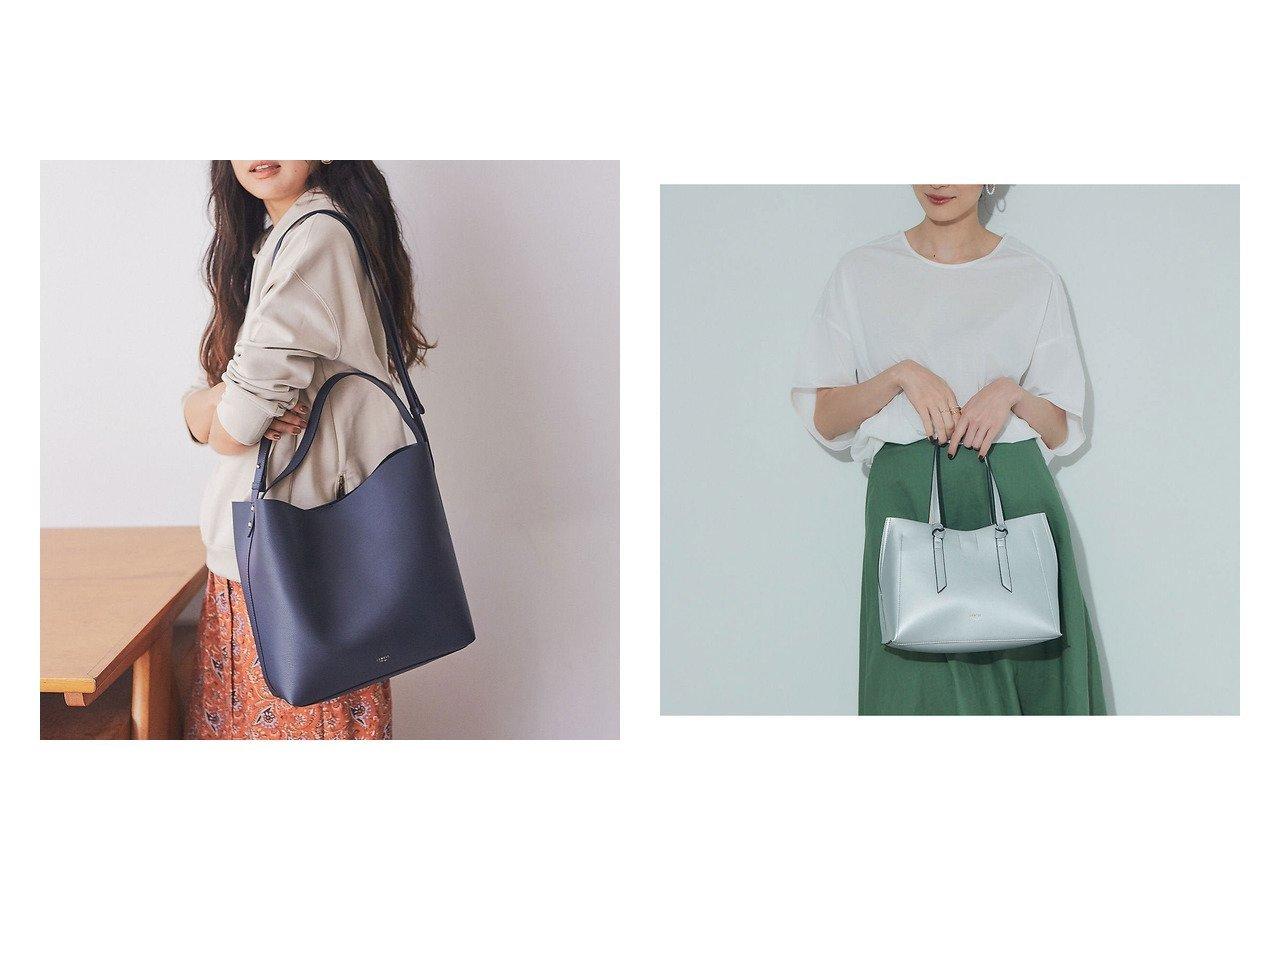 【interstaple/インターステイプル】の【大ヒット】軽量ミニトート&【大ヒット/新作】軽量2WAYショルダー バッグ・鞄のおすすめ!人気、トレンド・レディースファッションの通販 おすすめで人気の流行・トレンド、ファッションの通販商品 メンズファッション・キッズファッション・インテリア・家具・レディースファッション・服の通販 founy(ファニー) https://founy.com/ ファッション Fashion レディースファッション WOMEN バッグ Bag 春 Spring 軽量 ショルダー シンプル 人気 ハンドバッグ ポケット A/W 秋冬 AW Autumn/Winter / FW Fall-Winter 2020年 2020 S/S 春夏 SS Spring/Summer 2020 春夏 S/S SS Spring/Summer 2020 シルバー フォルム  ID:crp329100000016336